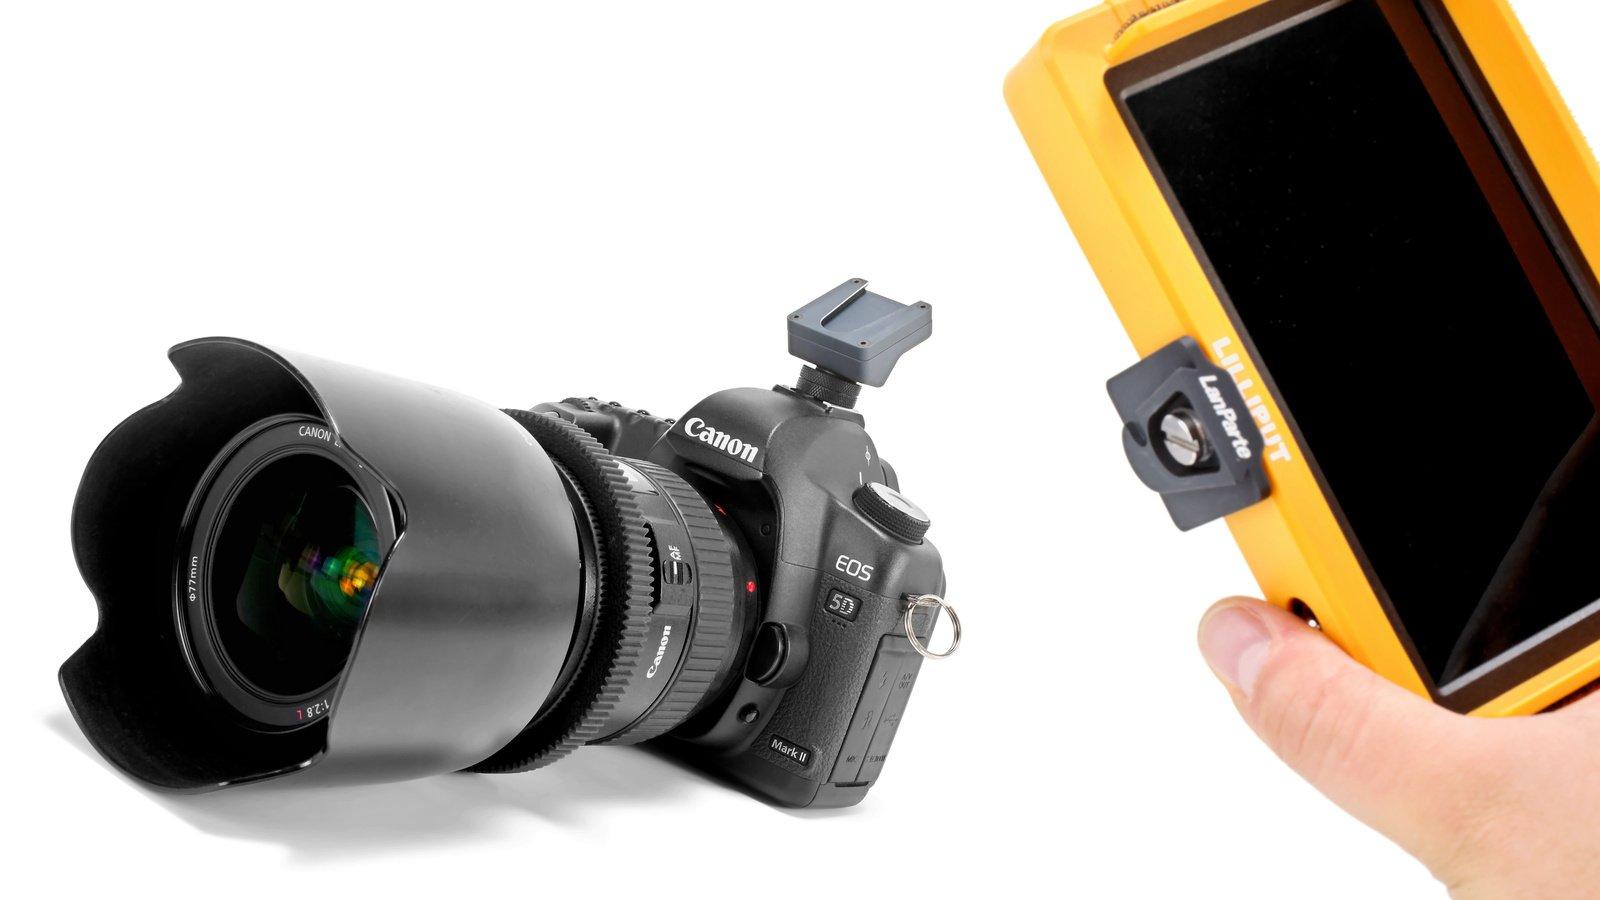 Anti-Twist Funktion der Schnellwechselplatte verhindert verdrehen des Monitores.